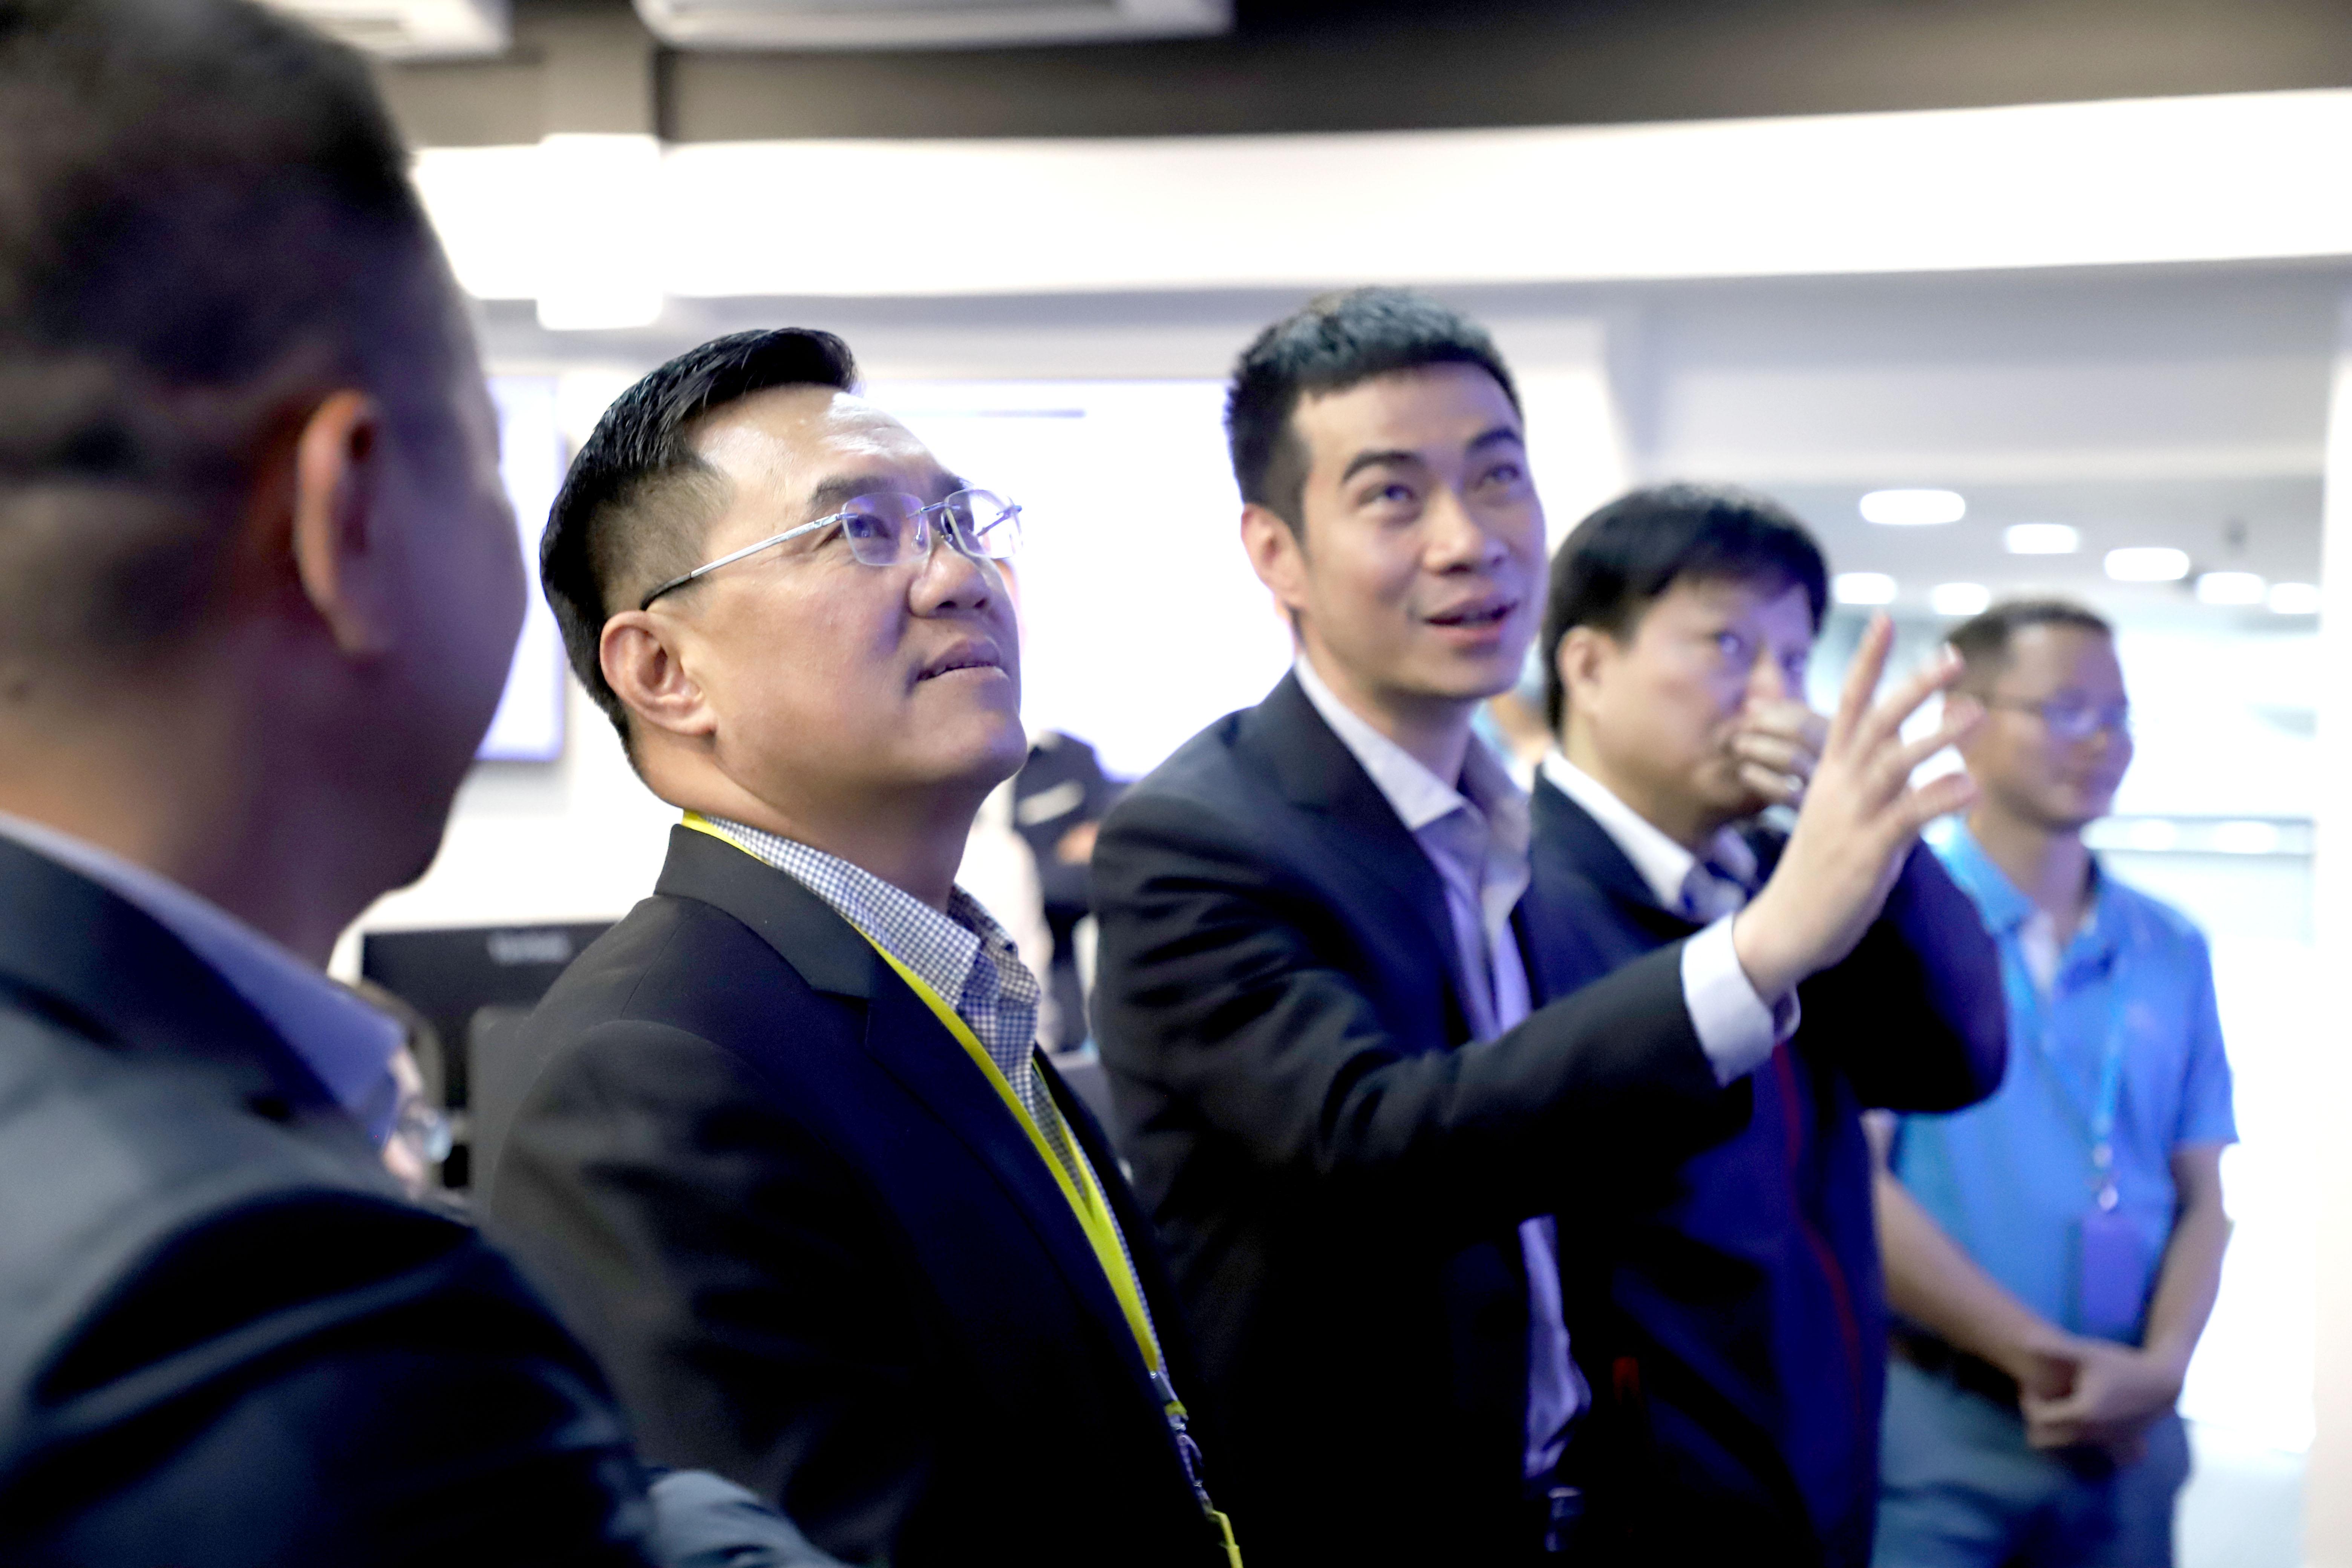 Lãnh đạo cao cấp Tập đoàn Bảo Việt tiếp tục sang làm việc sâu hơn với CMC Telecom về DC và chuyển đổi số